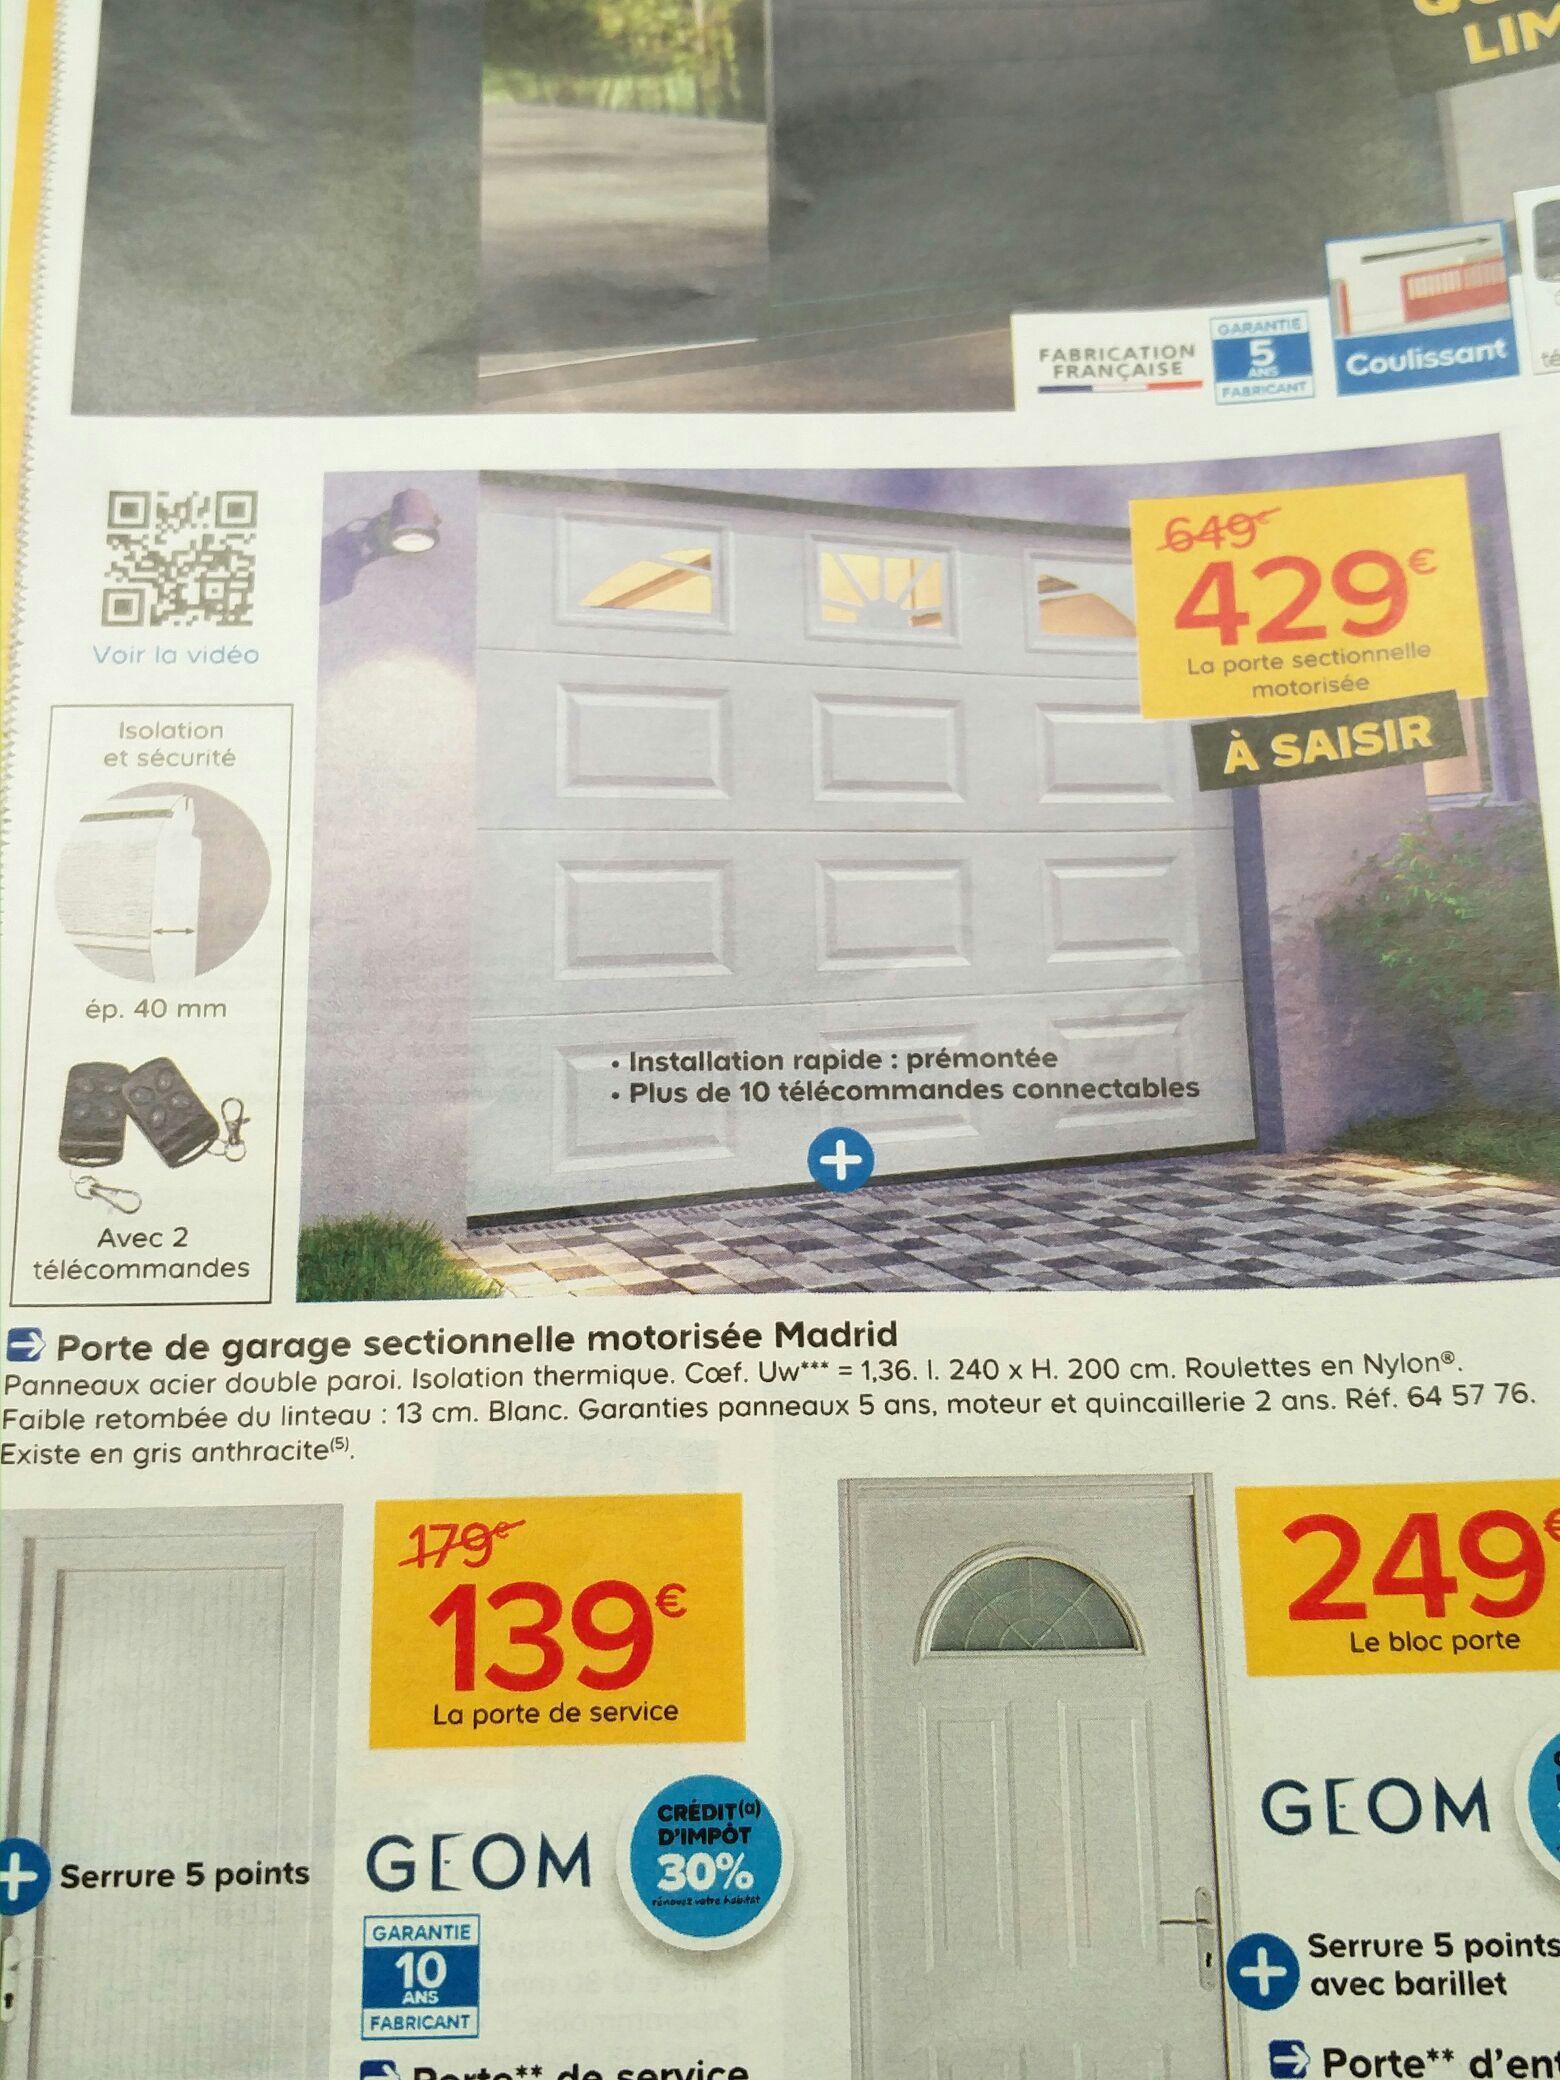 Porte de garage sectionnelle hublots Madrid blanche - 240x200cm